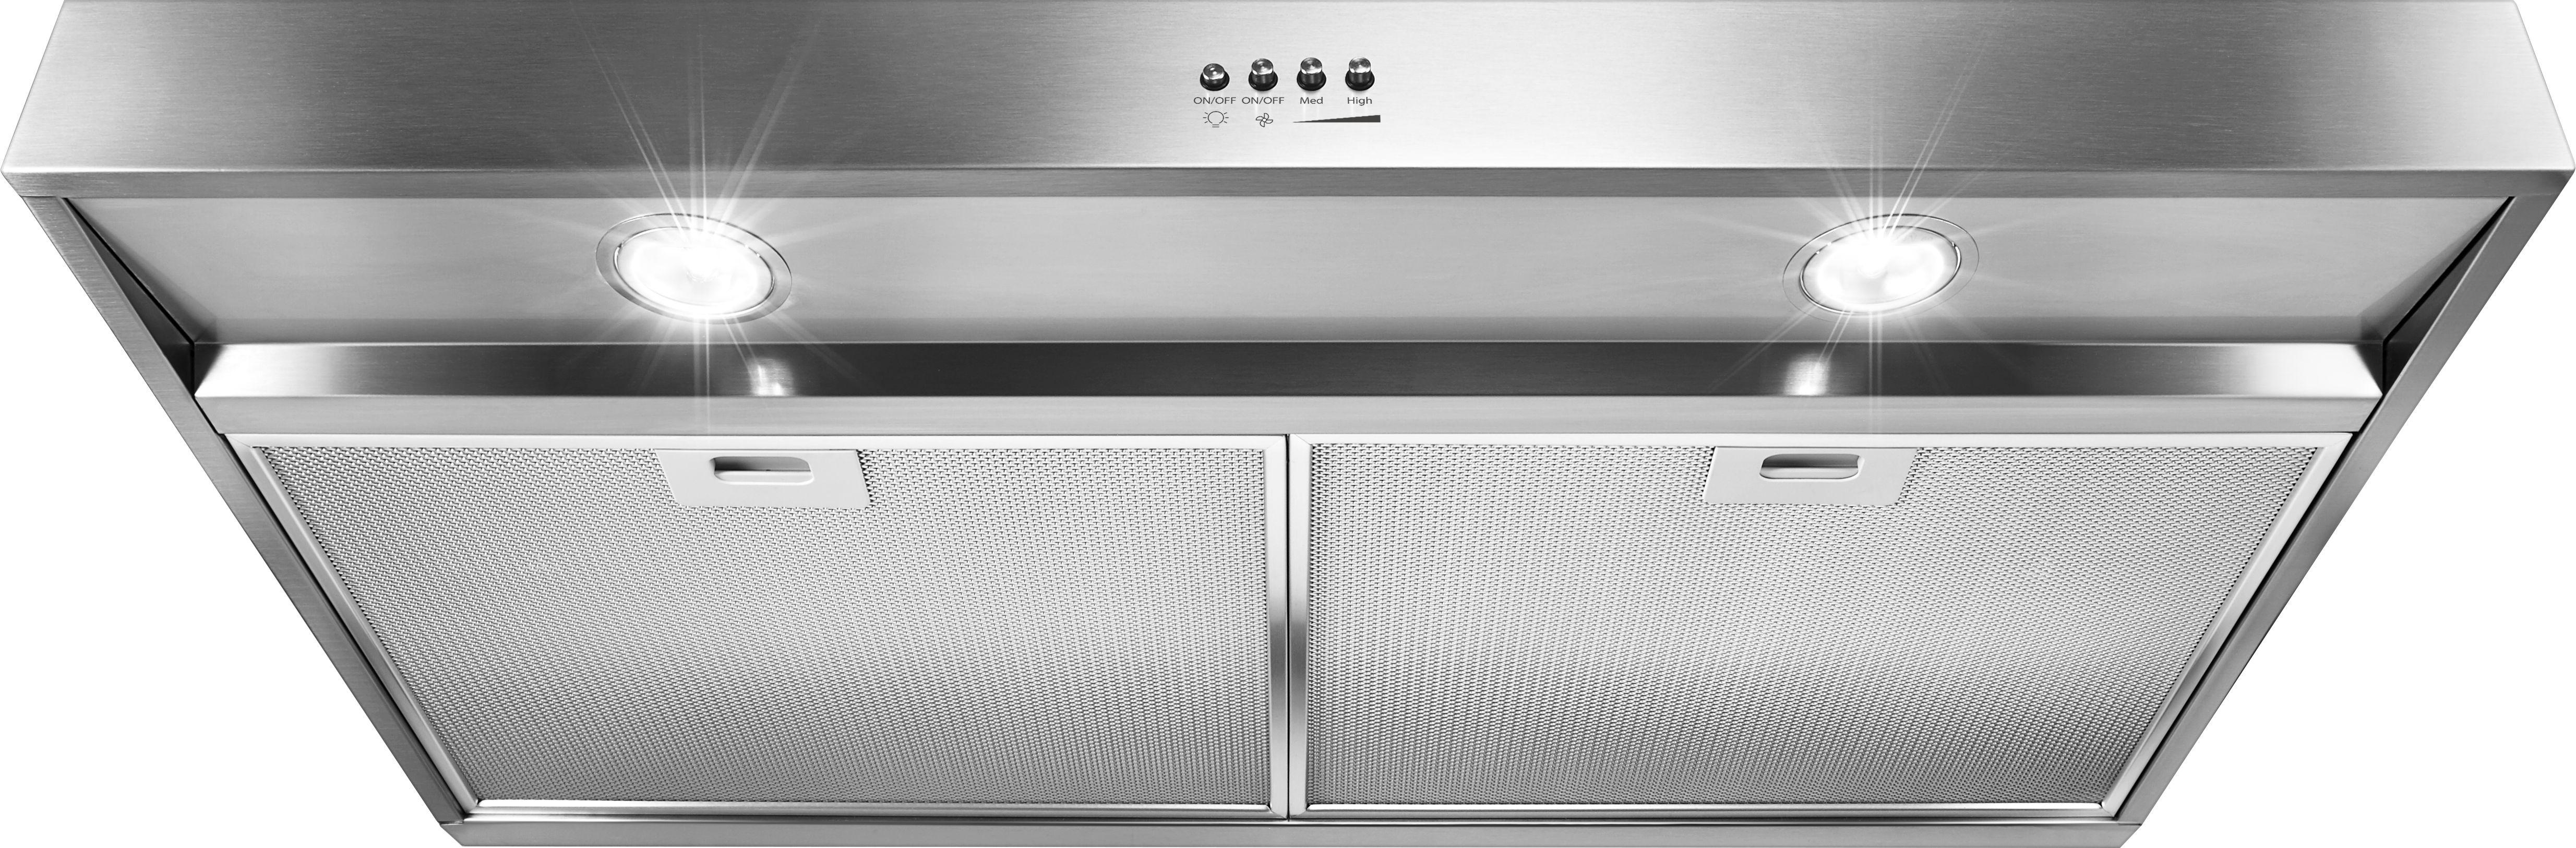 Kitchenaid range filler strip think